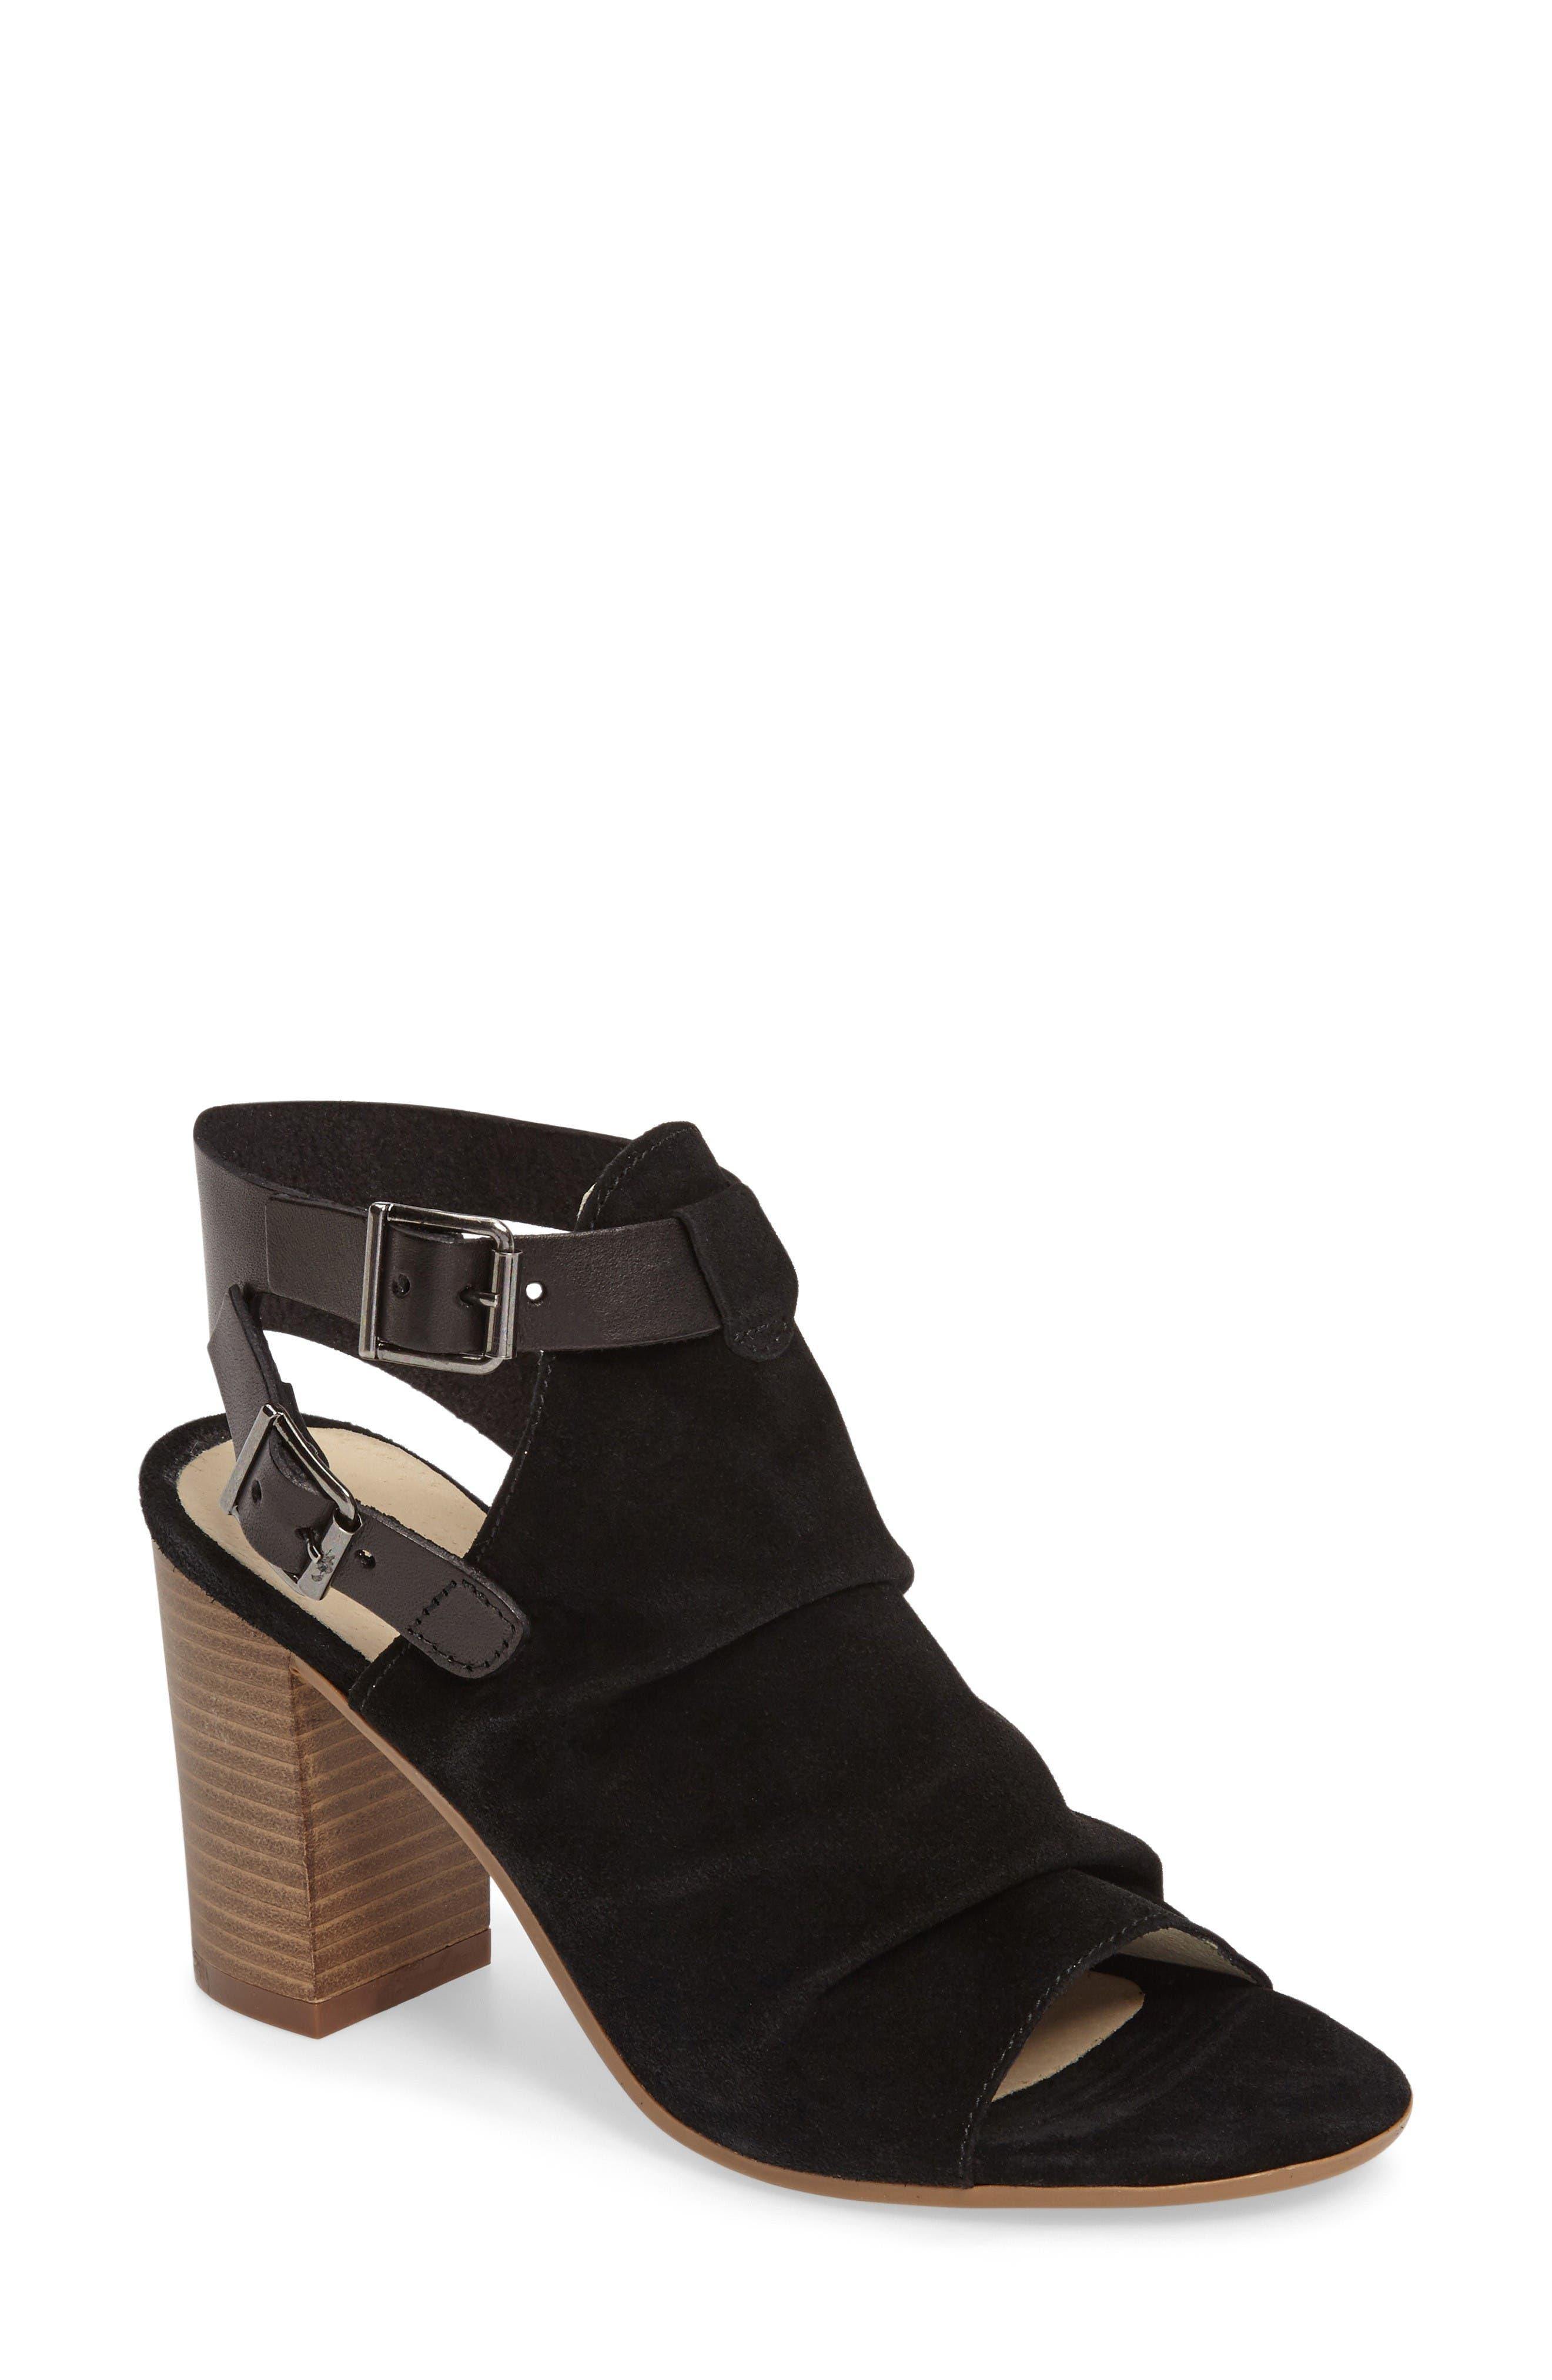 BOS. & CO. Ivy Block Heel Sandal